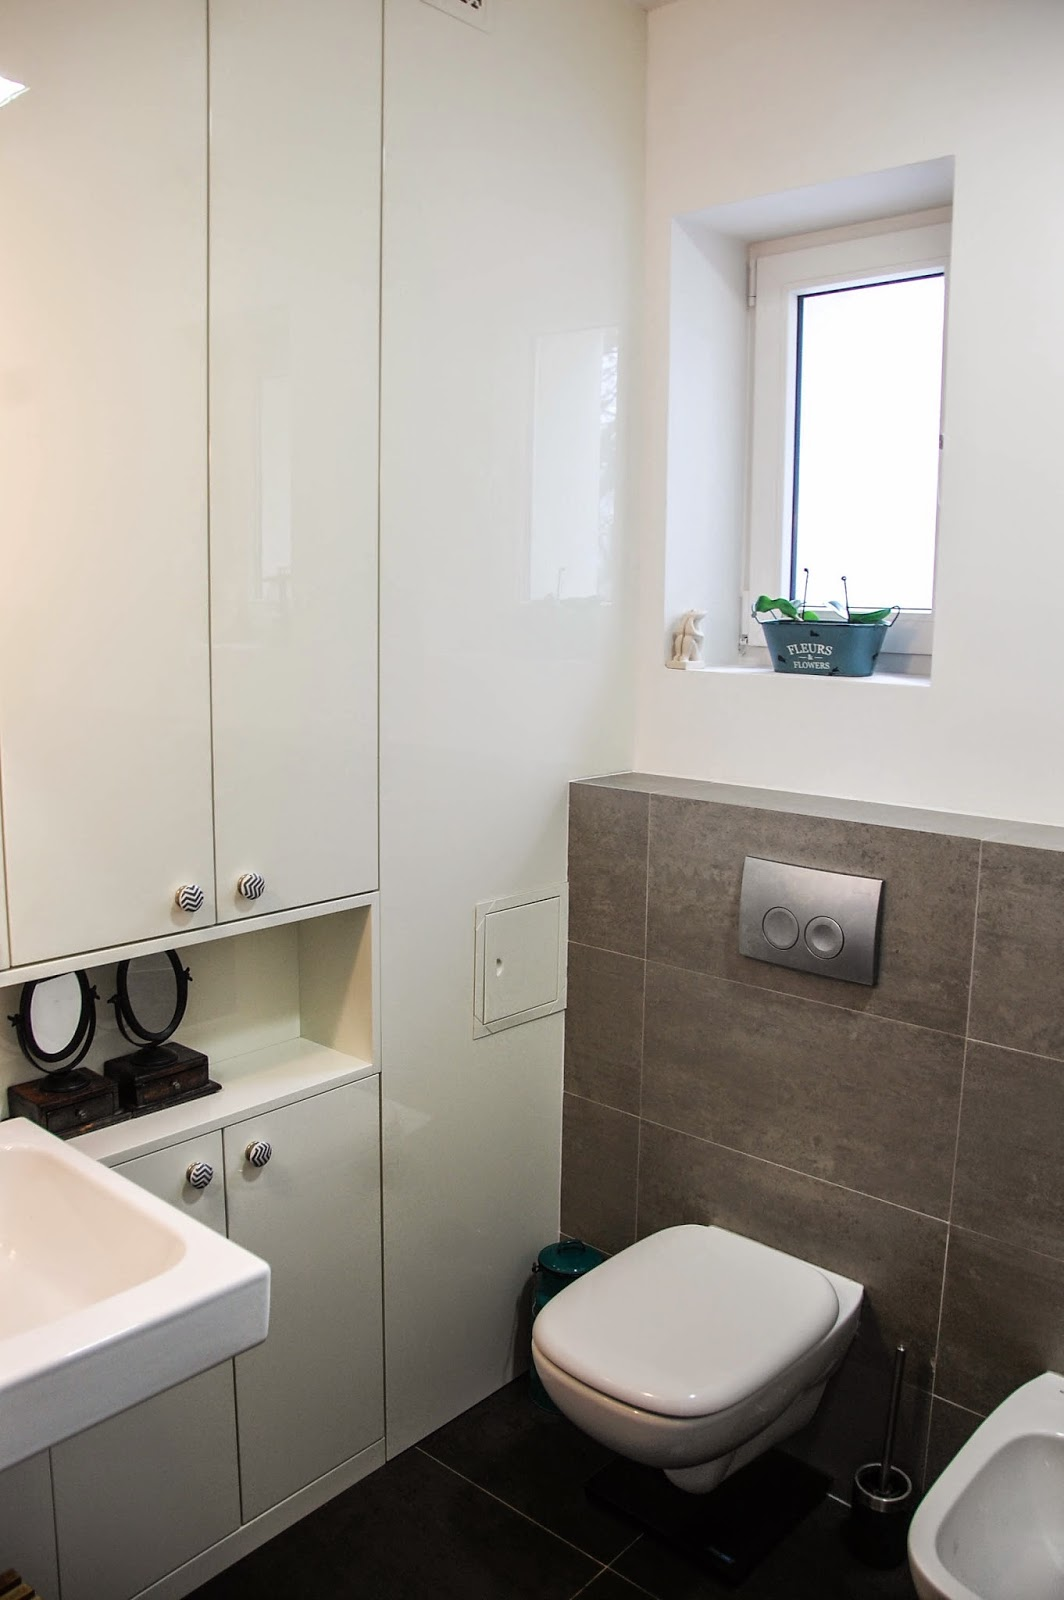 Zapętlona: Metamorfoza małej łazienki, 4 m2